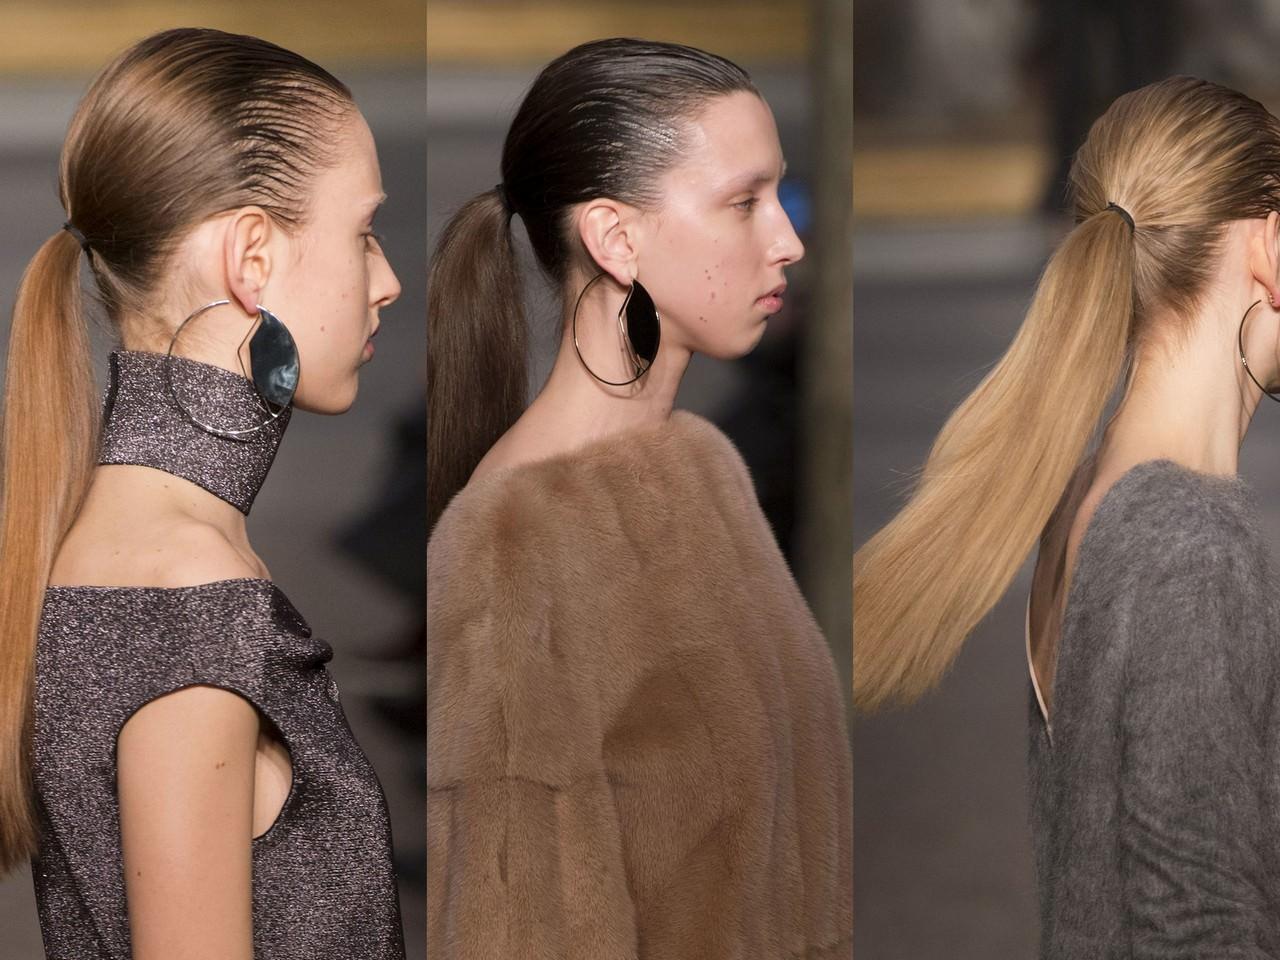 Как подстричь волосы самой себе на плечи. Инструкция с